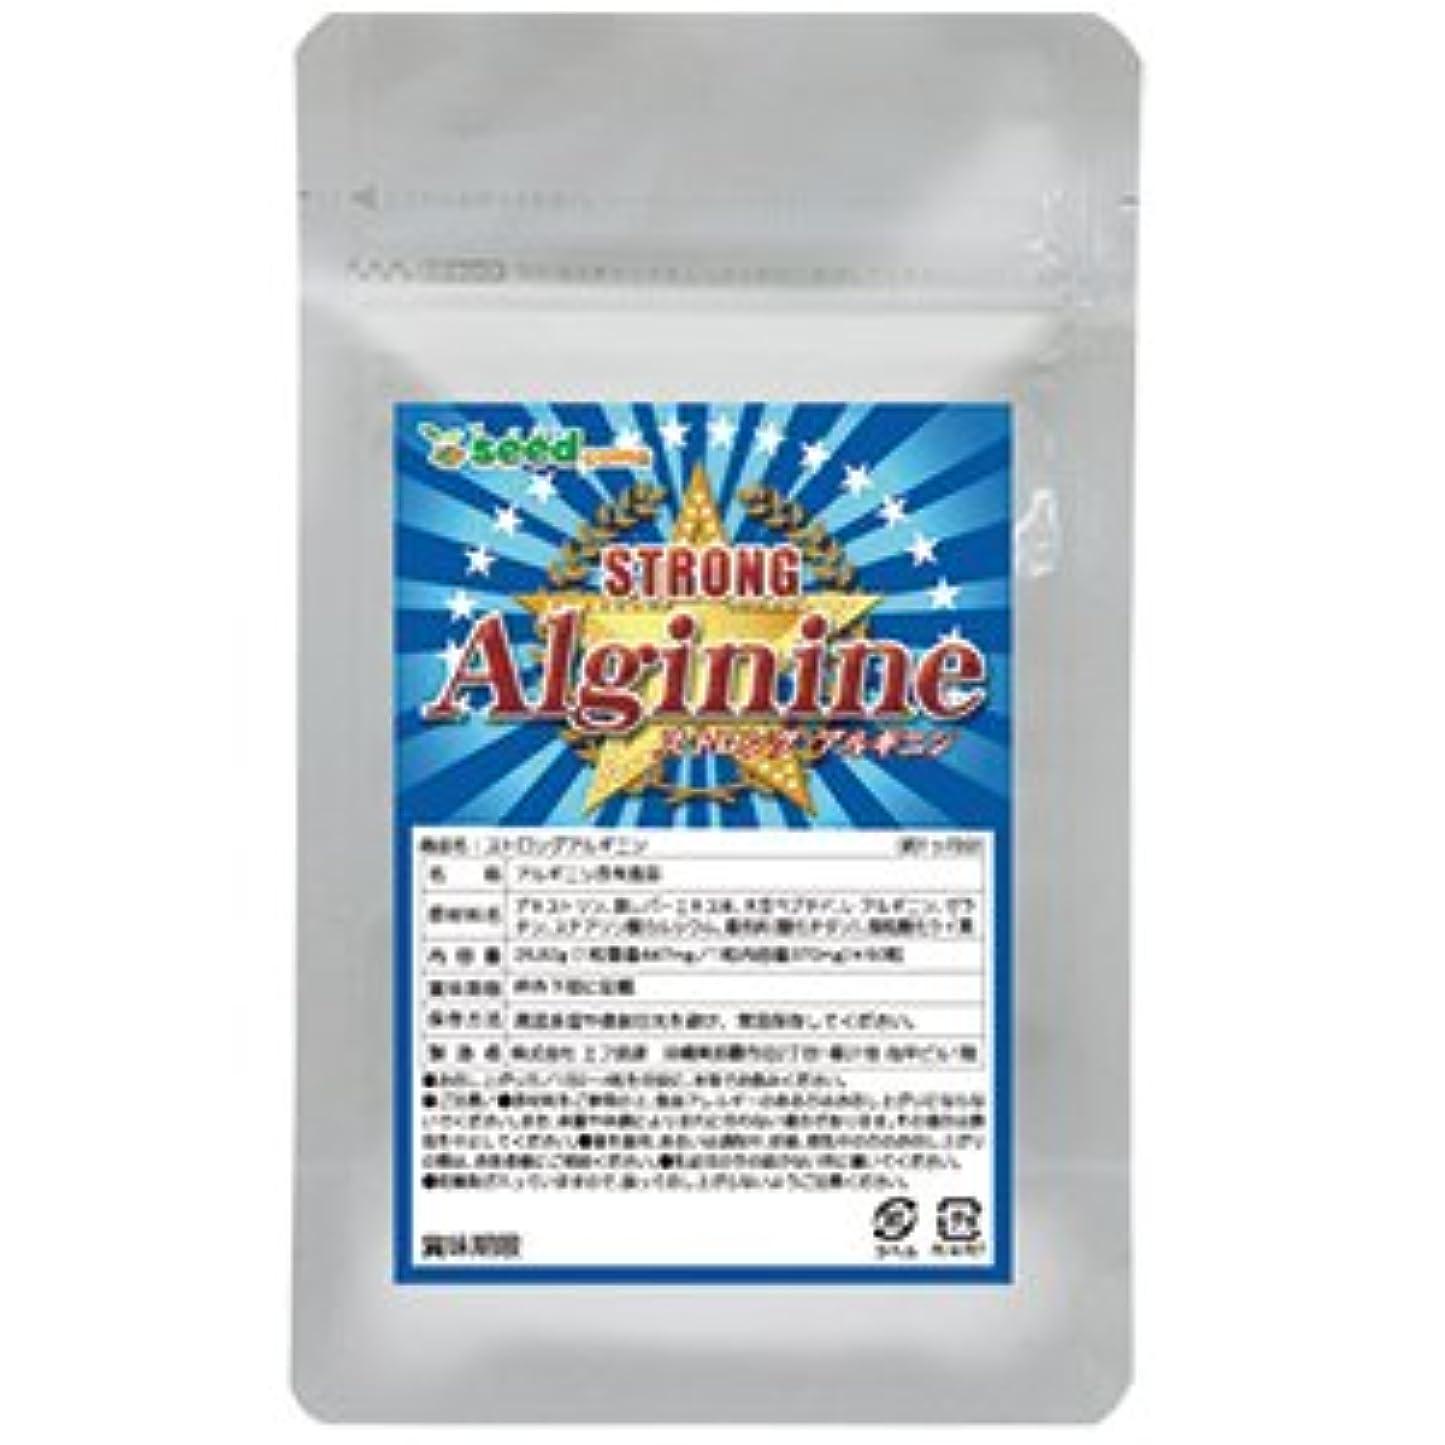 静的犯罪地平線ストロングアルギニン (約1ケ月分) アミノ酸の1種アルギニン配合!更にプロテインとレバーエキスも配合